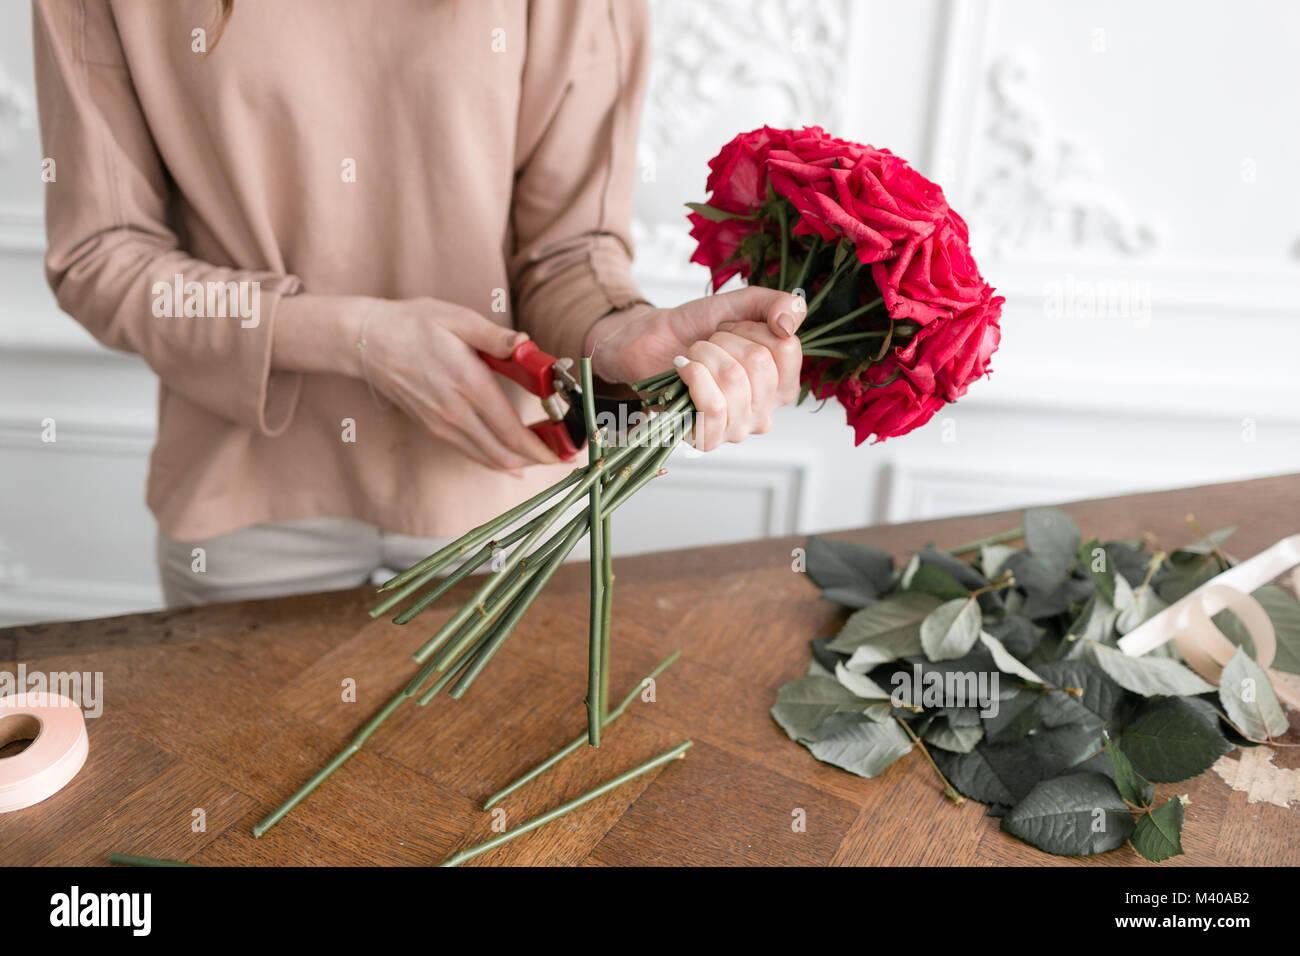 Giovane donna fioraio disponendo le piante nel negozio di fiori. Persone, business vendita fiorai e concetto. Bouquet Immagini Stock